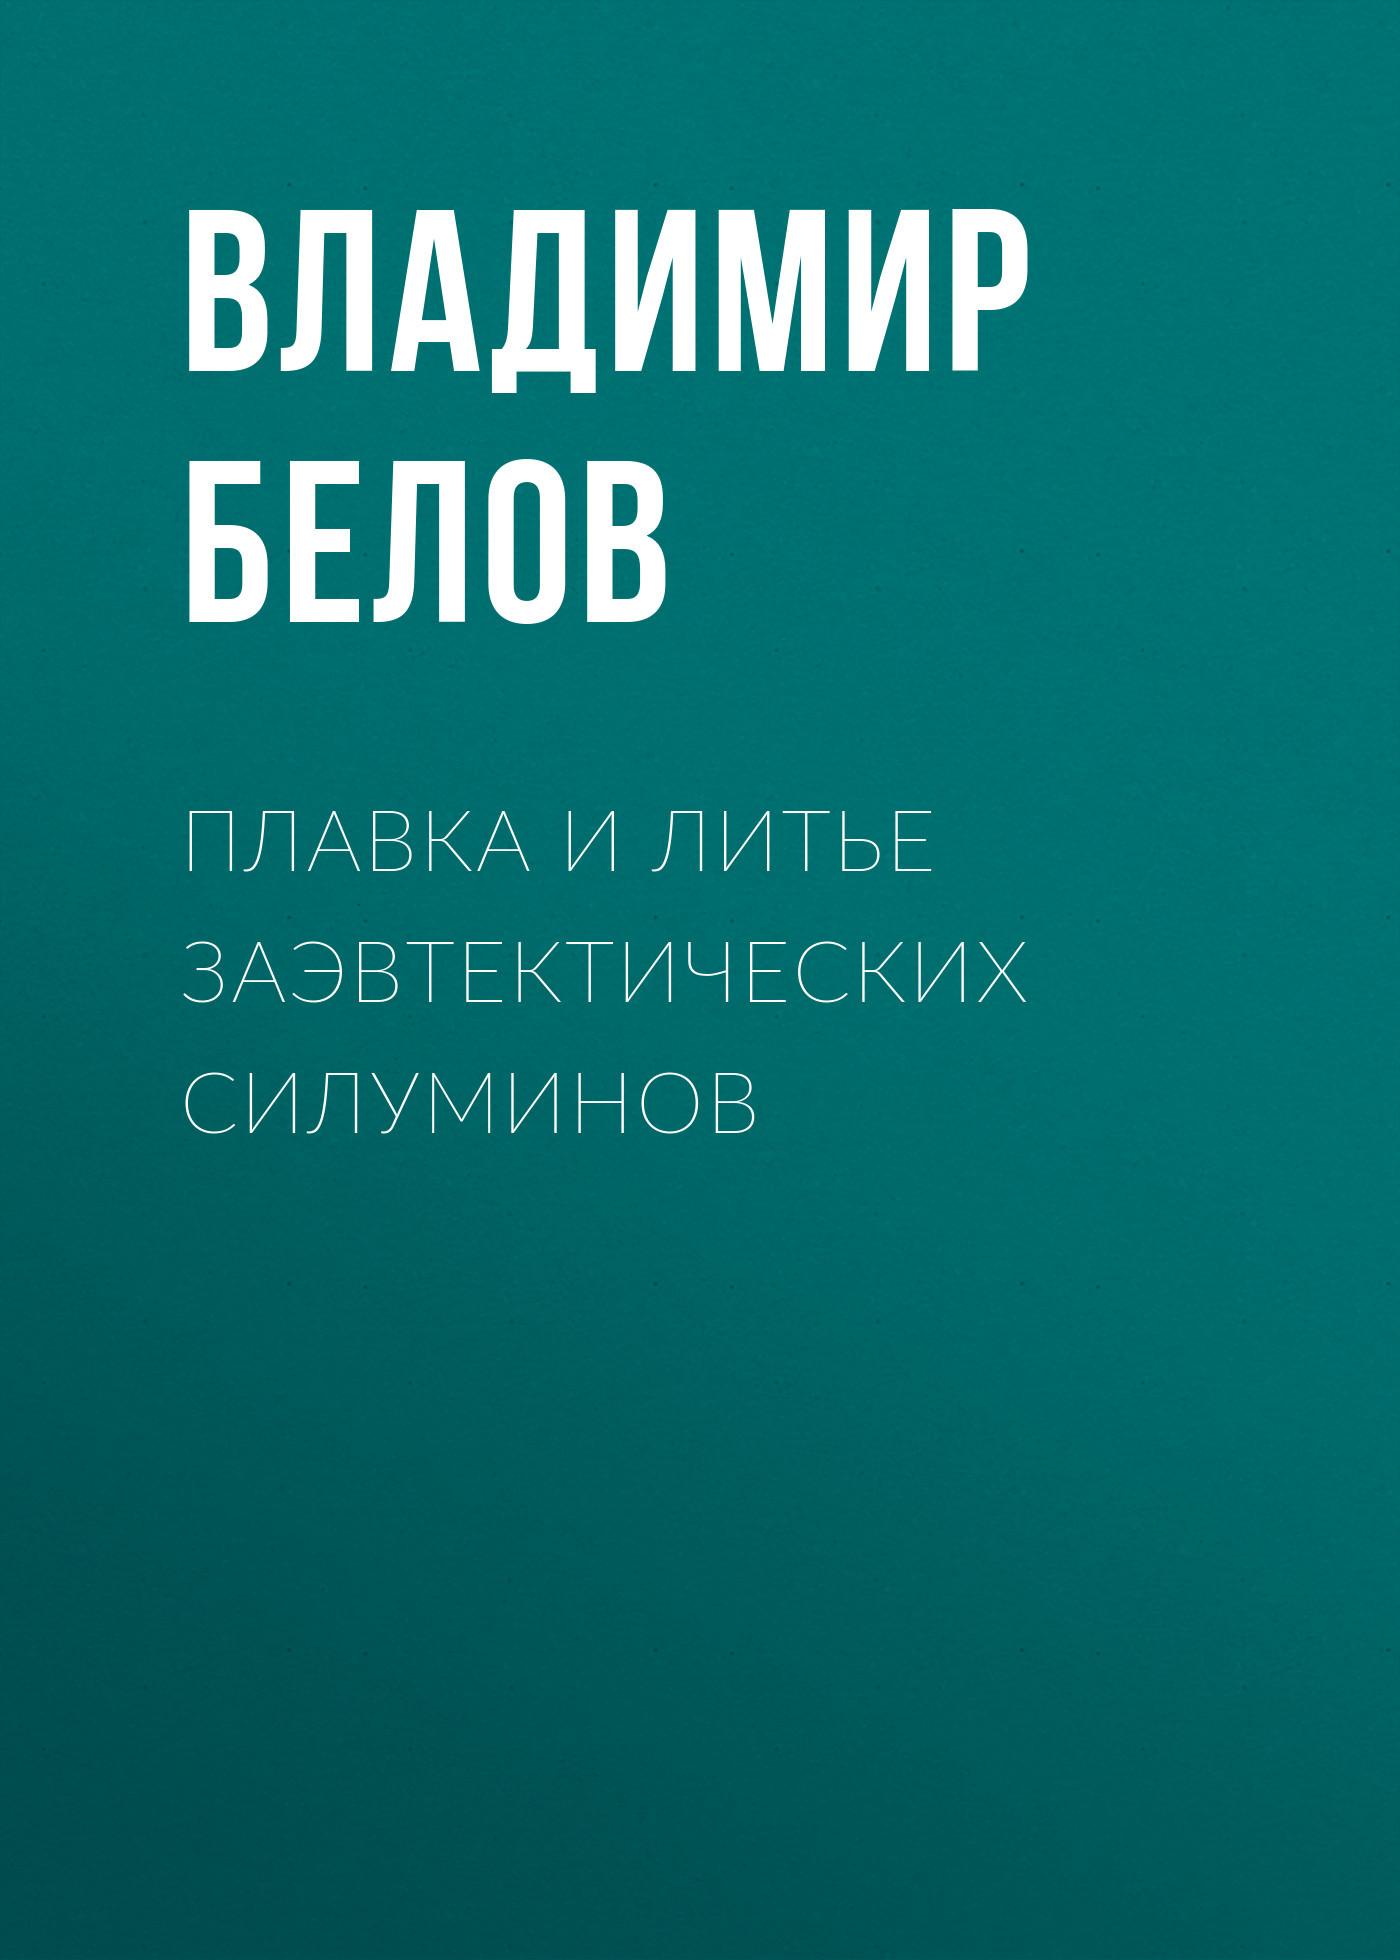 Владимир Белов Плавка и литье заэвтектических силуминов диски изготовленные гравитационным литьем под давлением оборудование